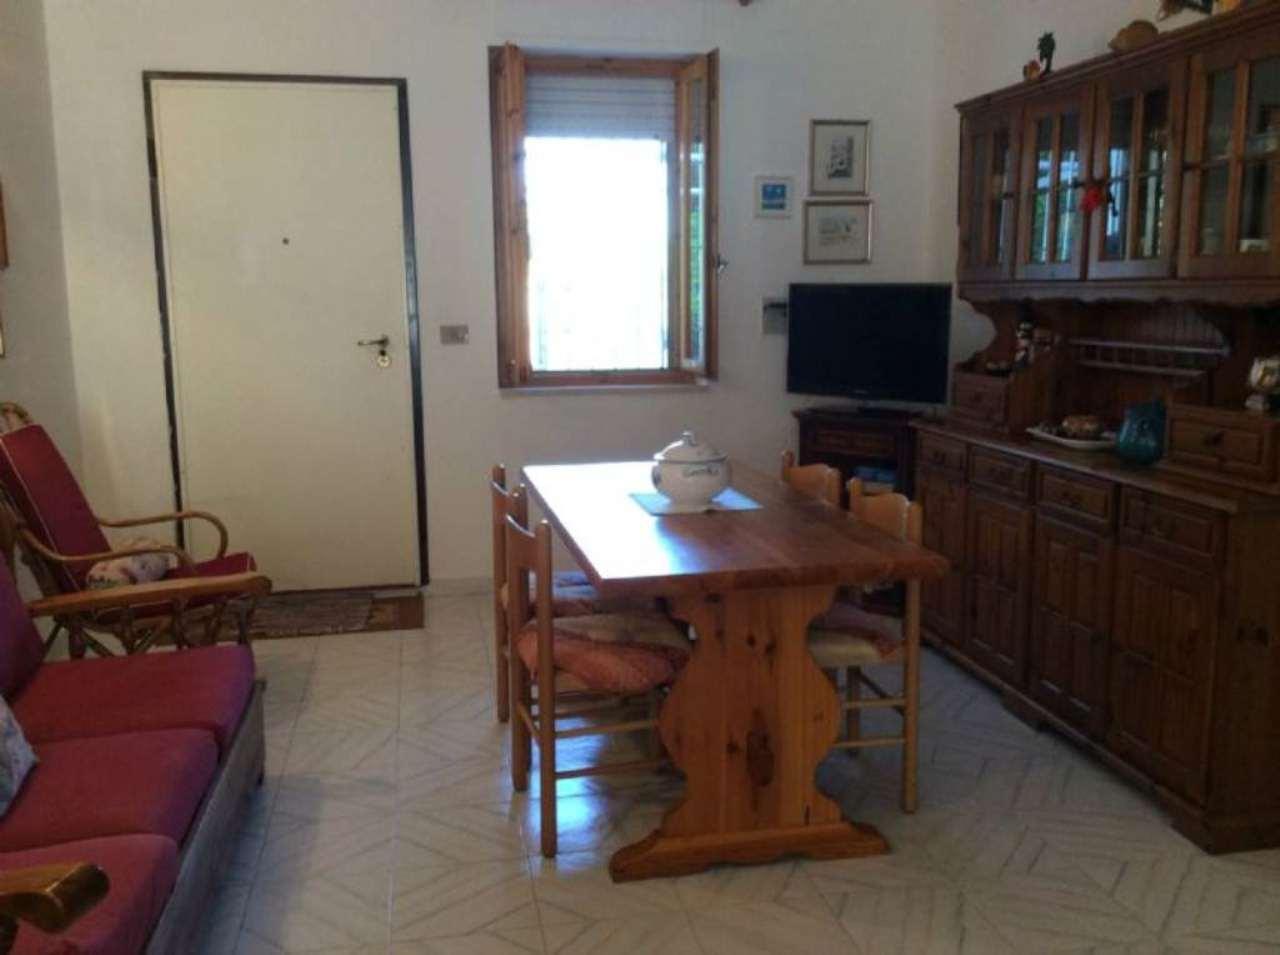 Appartamento in vendita a Alghero, 4 locali, prezzo € 135.000 | Cambio Casa.it